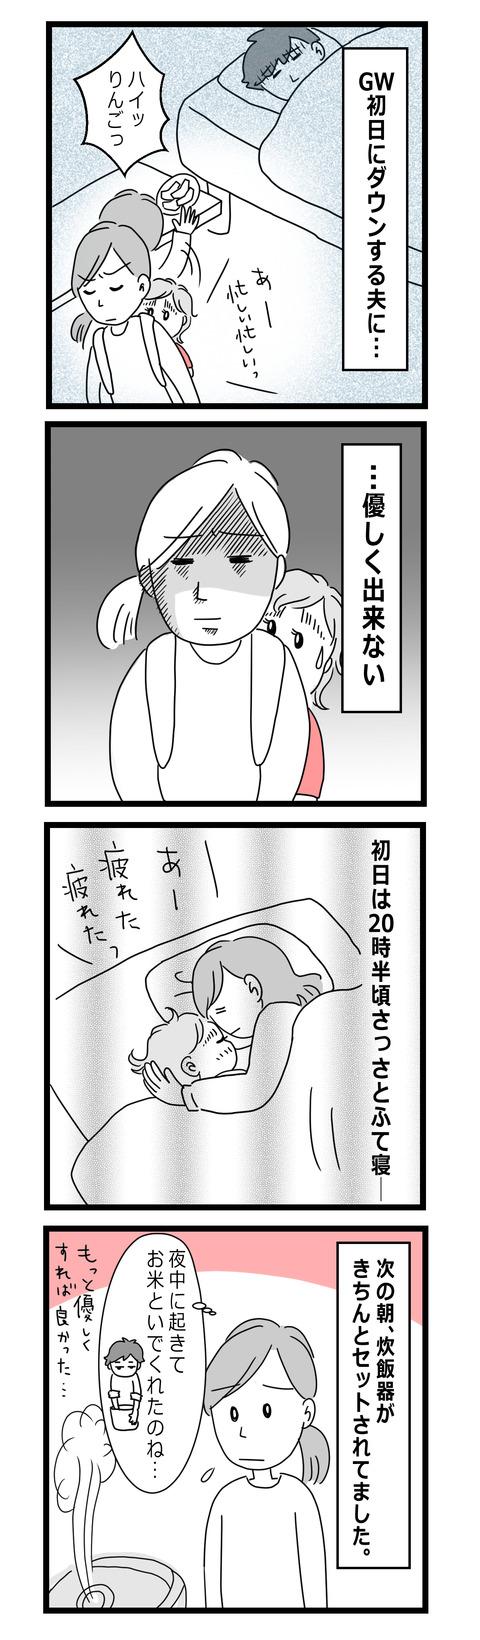 70 優しくできない(1才〜1才半)